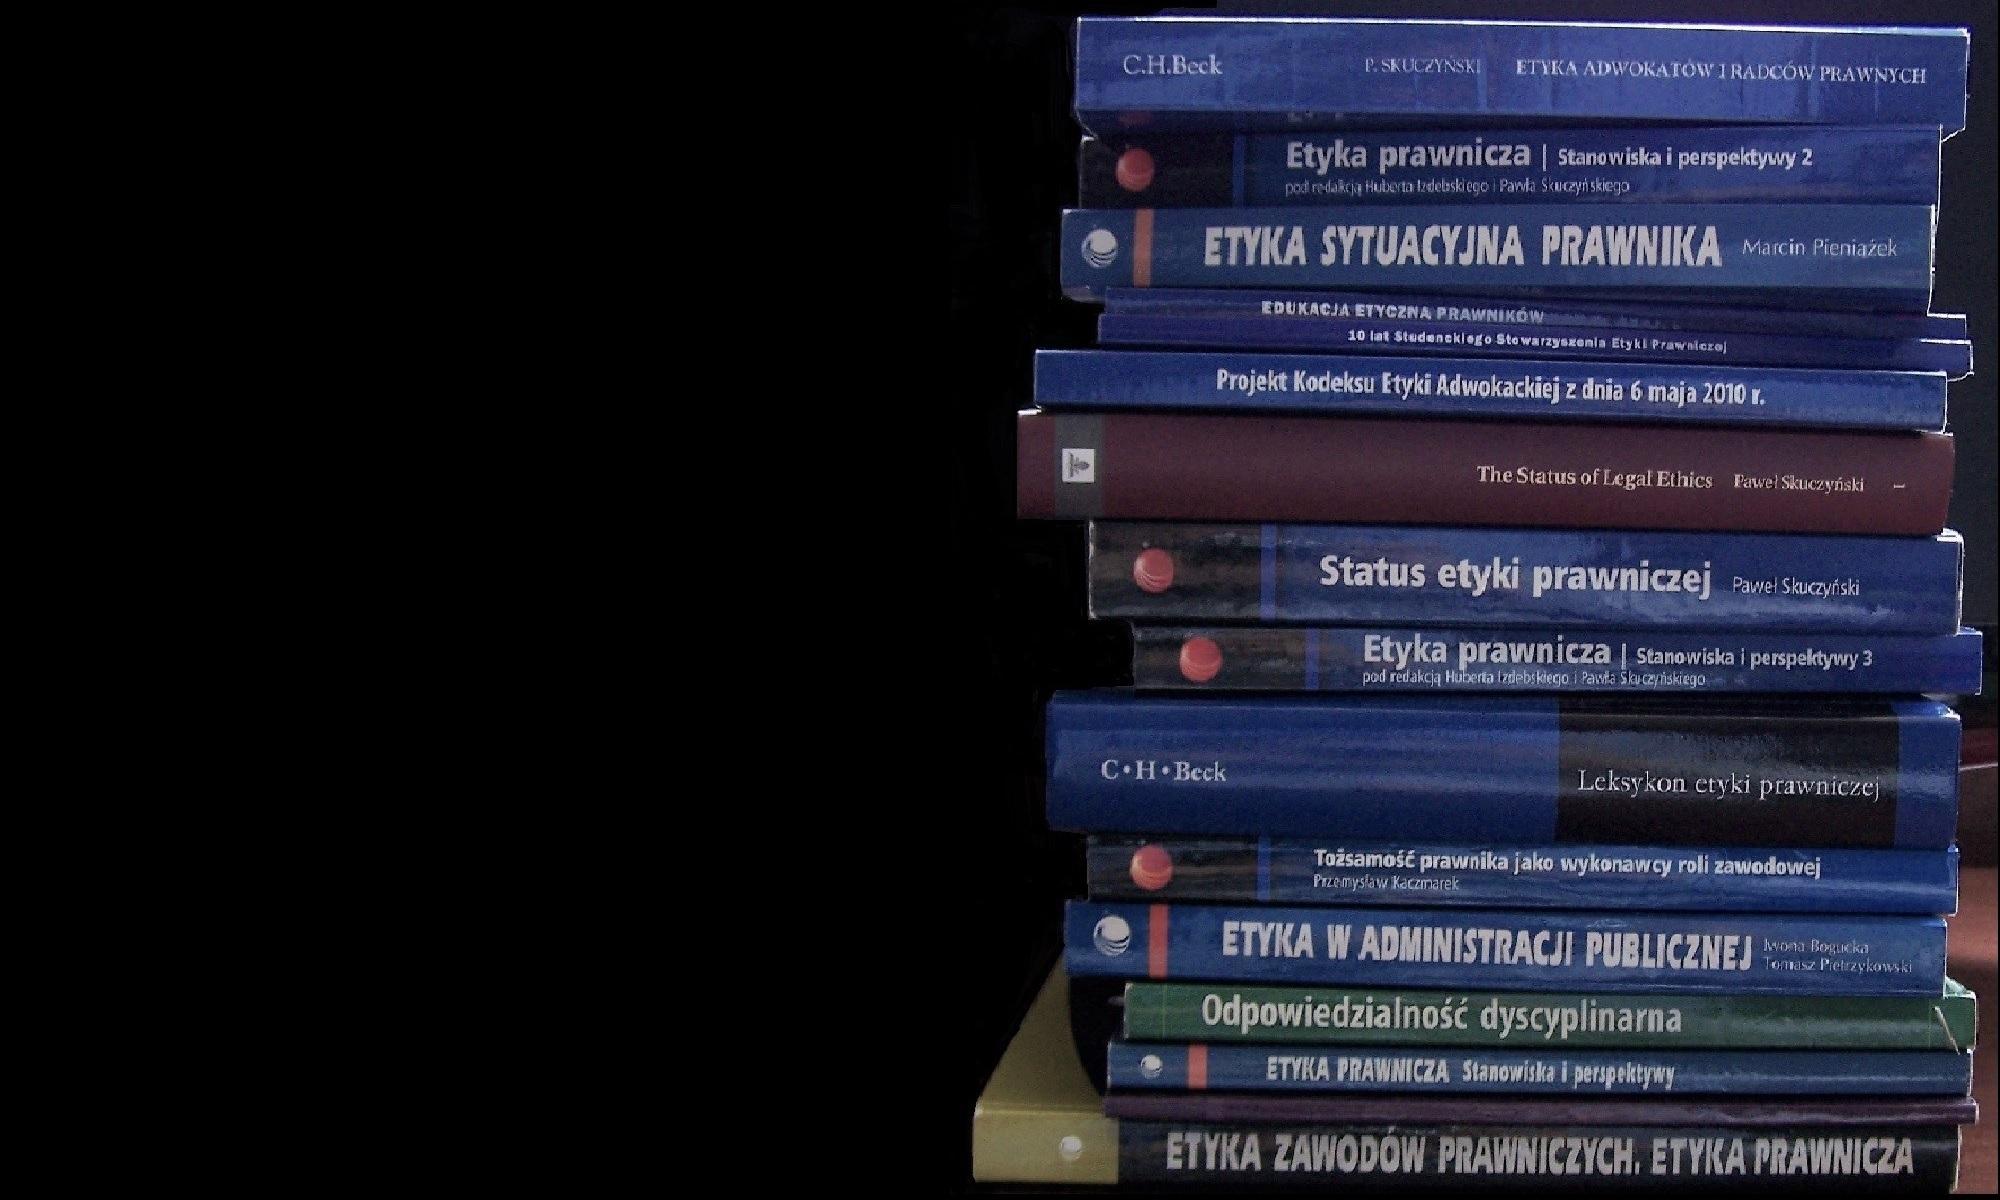 Instytut Etyki Prawniczej